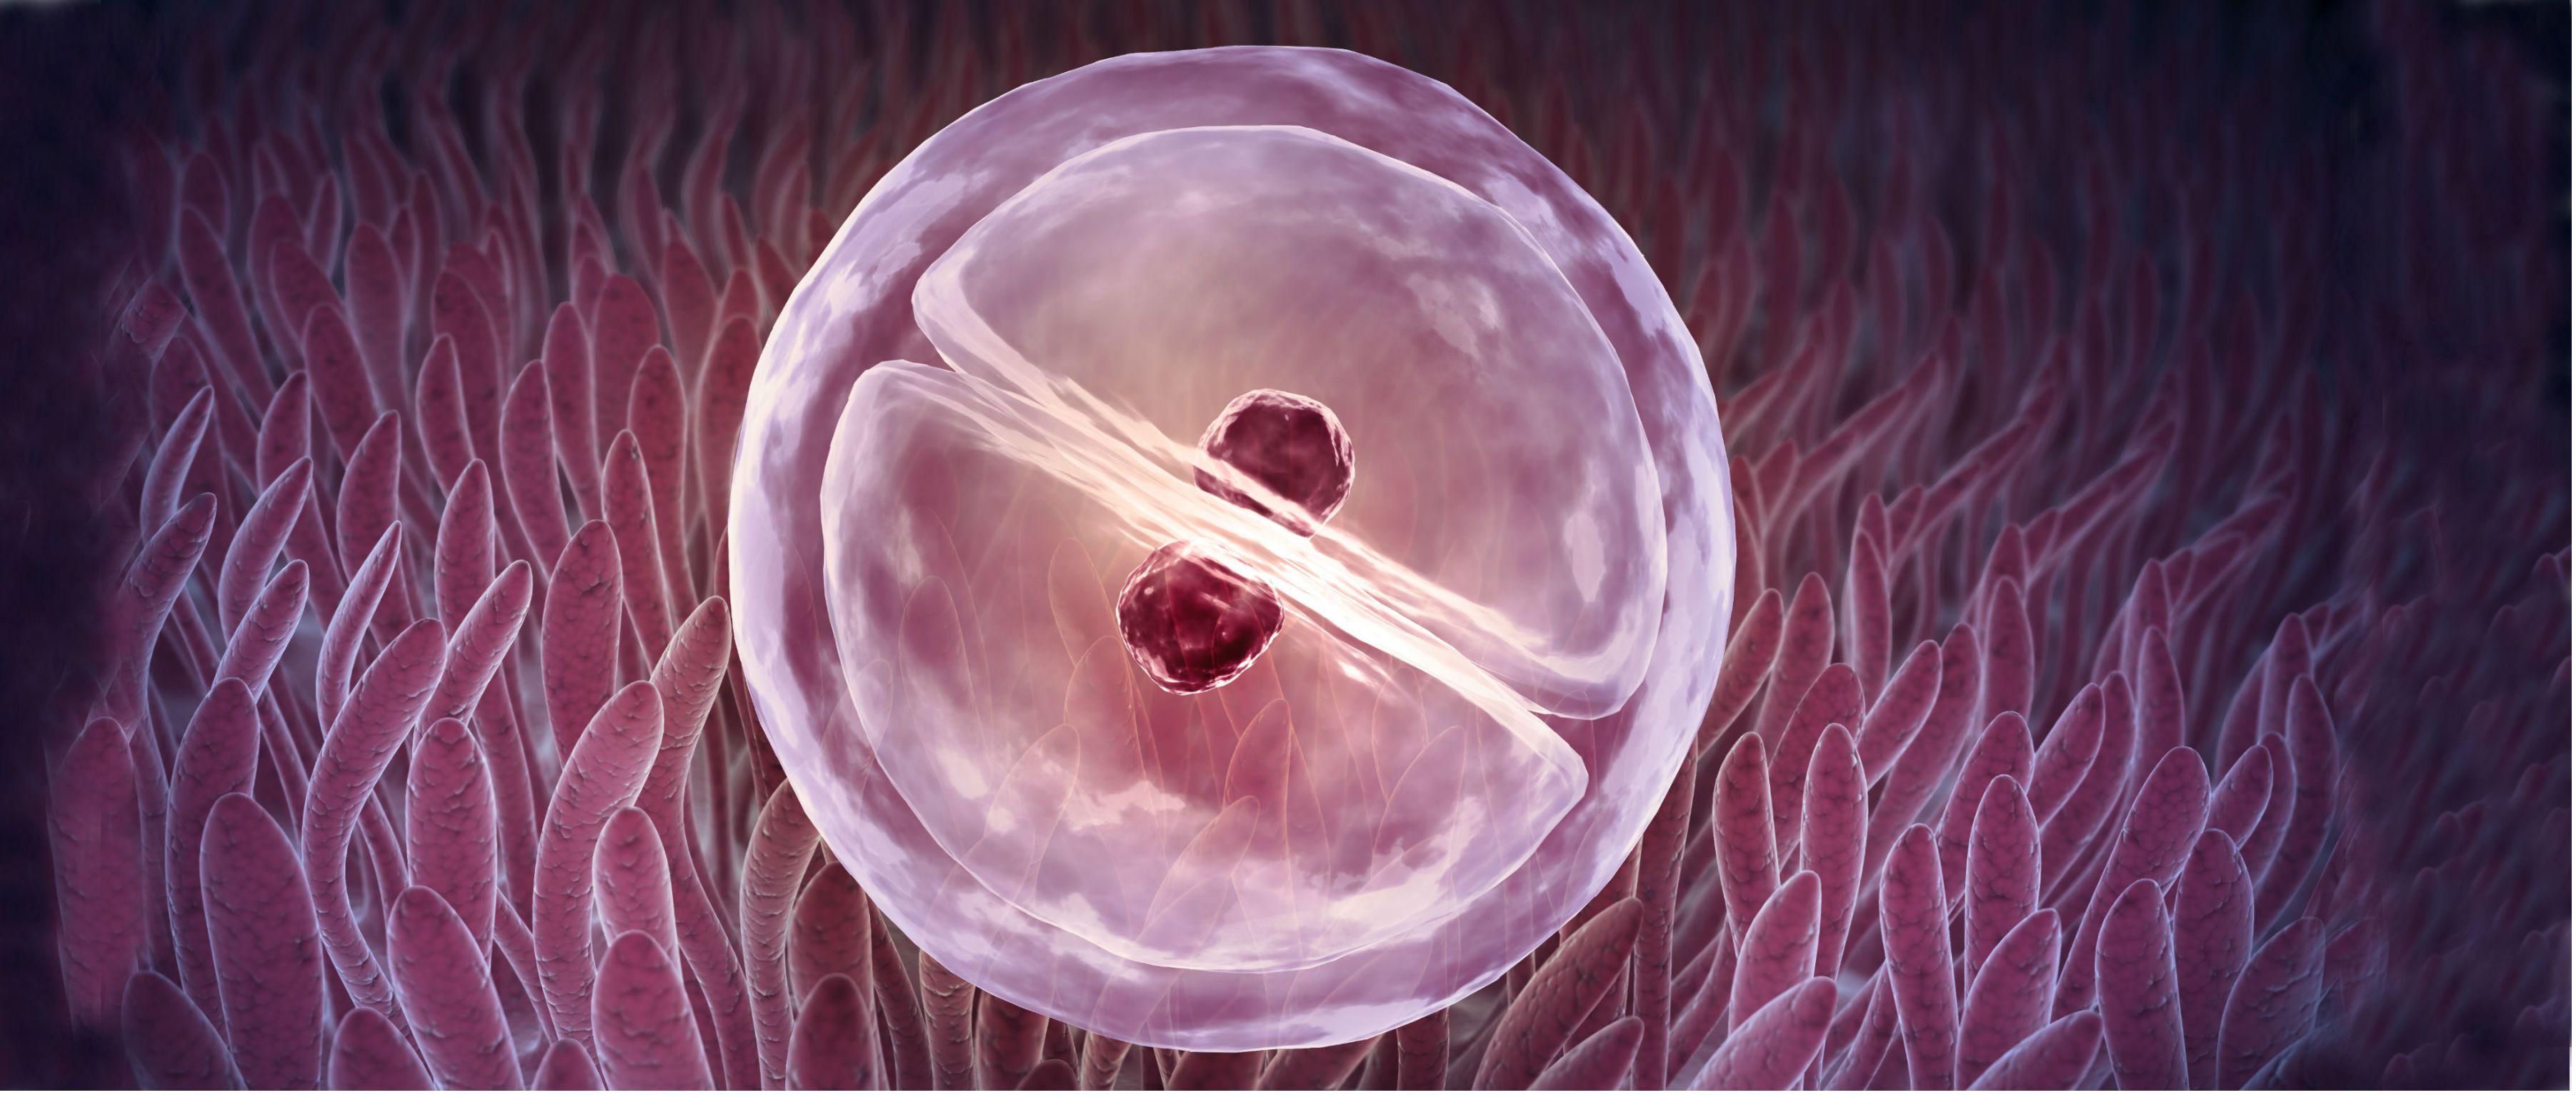 Corrigen en embriones una enfermedad que causa muerte súbita...